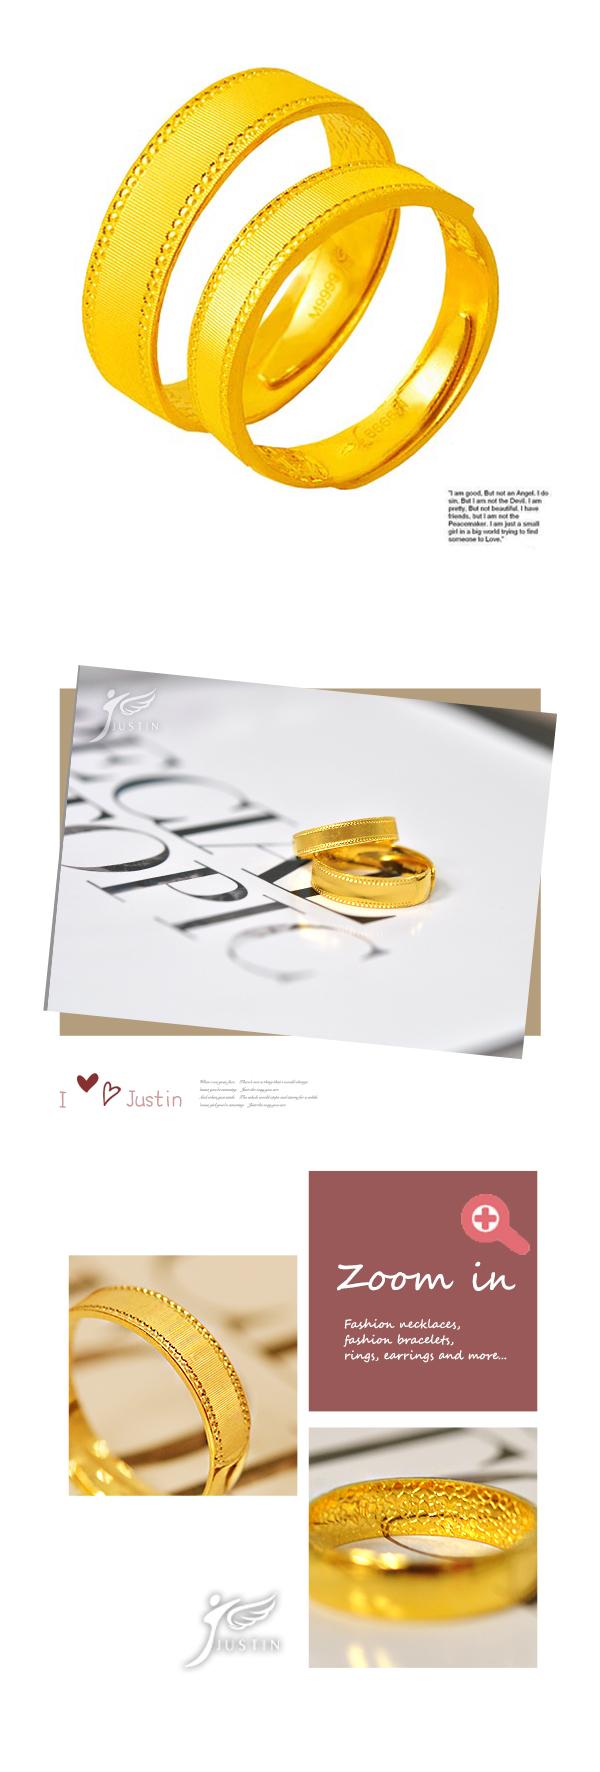 金緻品,金製品,黃金價格,金飾,金飾價格,黃金飾品,金飾店,純金,金飾品牌,黃金投資,鑽石,鑽戒,黃金對戒,設計款戒指,結婚戒指,結婚金飾,情侶對戒,情人節禮物,堅定不移